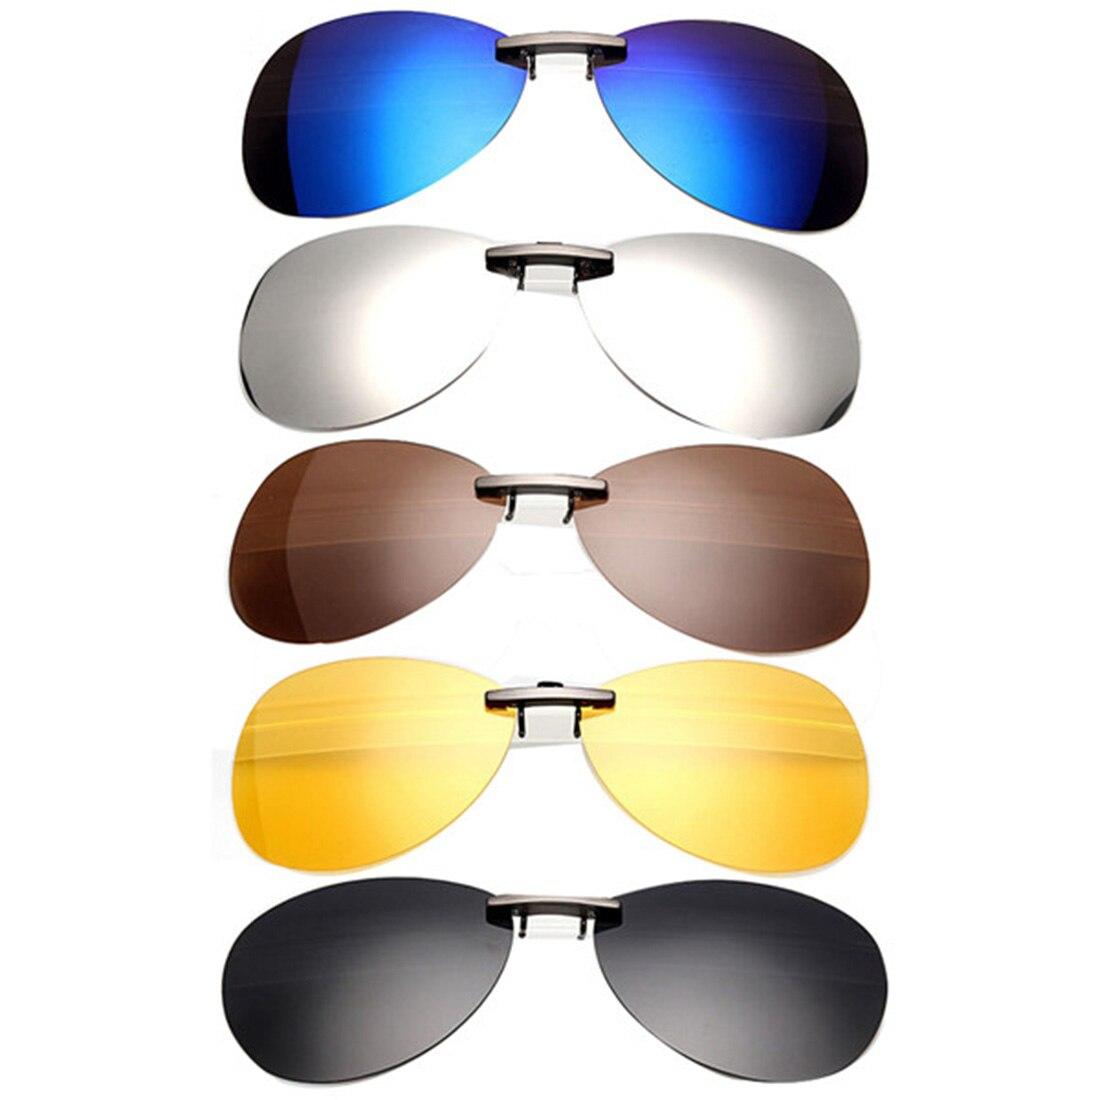 Новые зажимы в виде солнцезащитных очков, Модный классический дизайн, унисекс, поляризованные солнцезащитные очки на застежке, ночное виде...